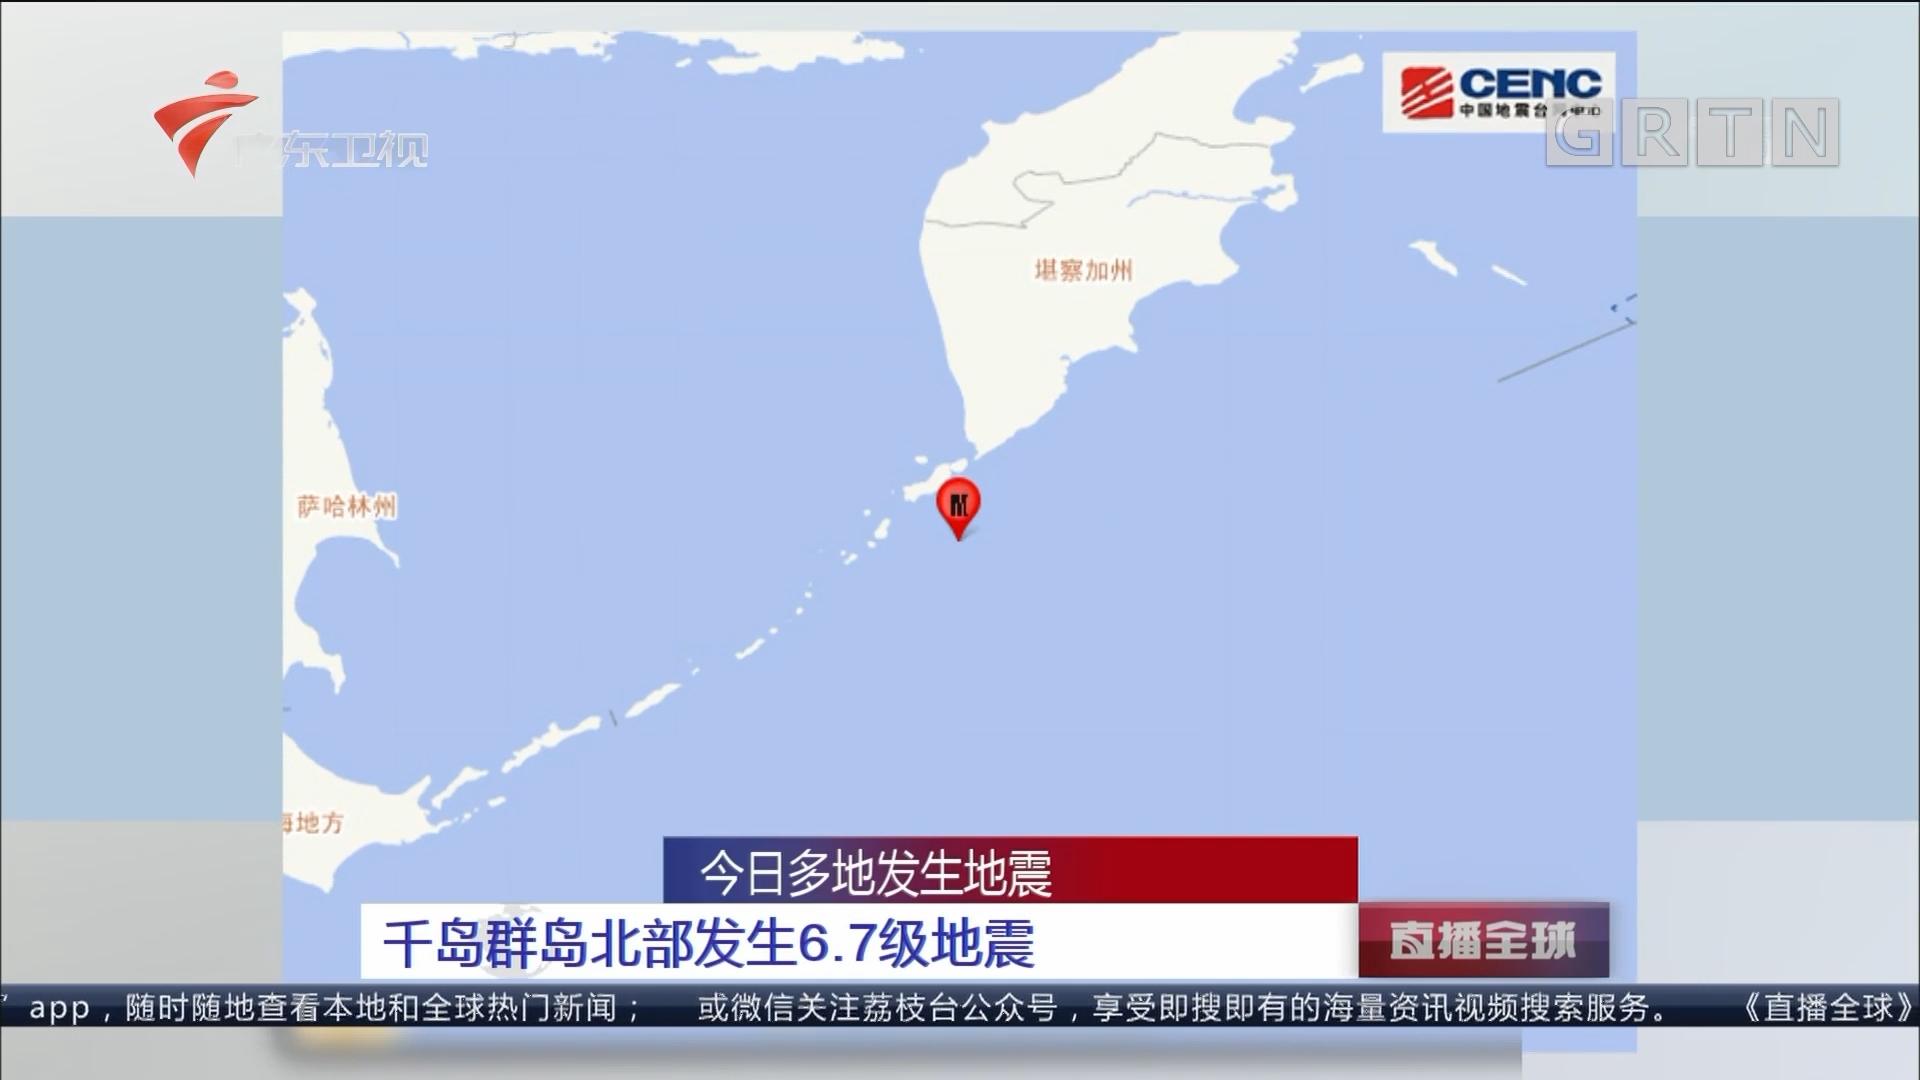 今日多地发生地震:千岛群岛北部发生6.7级地震